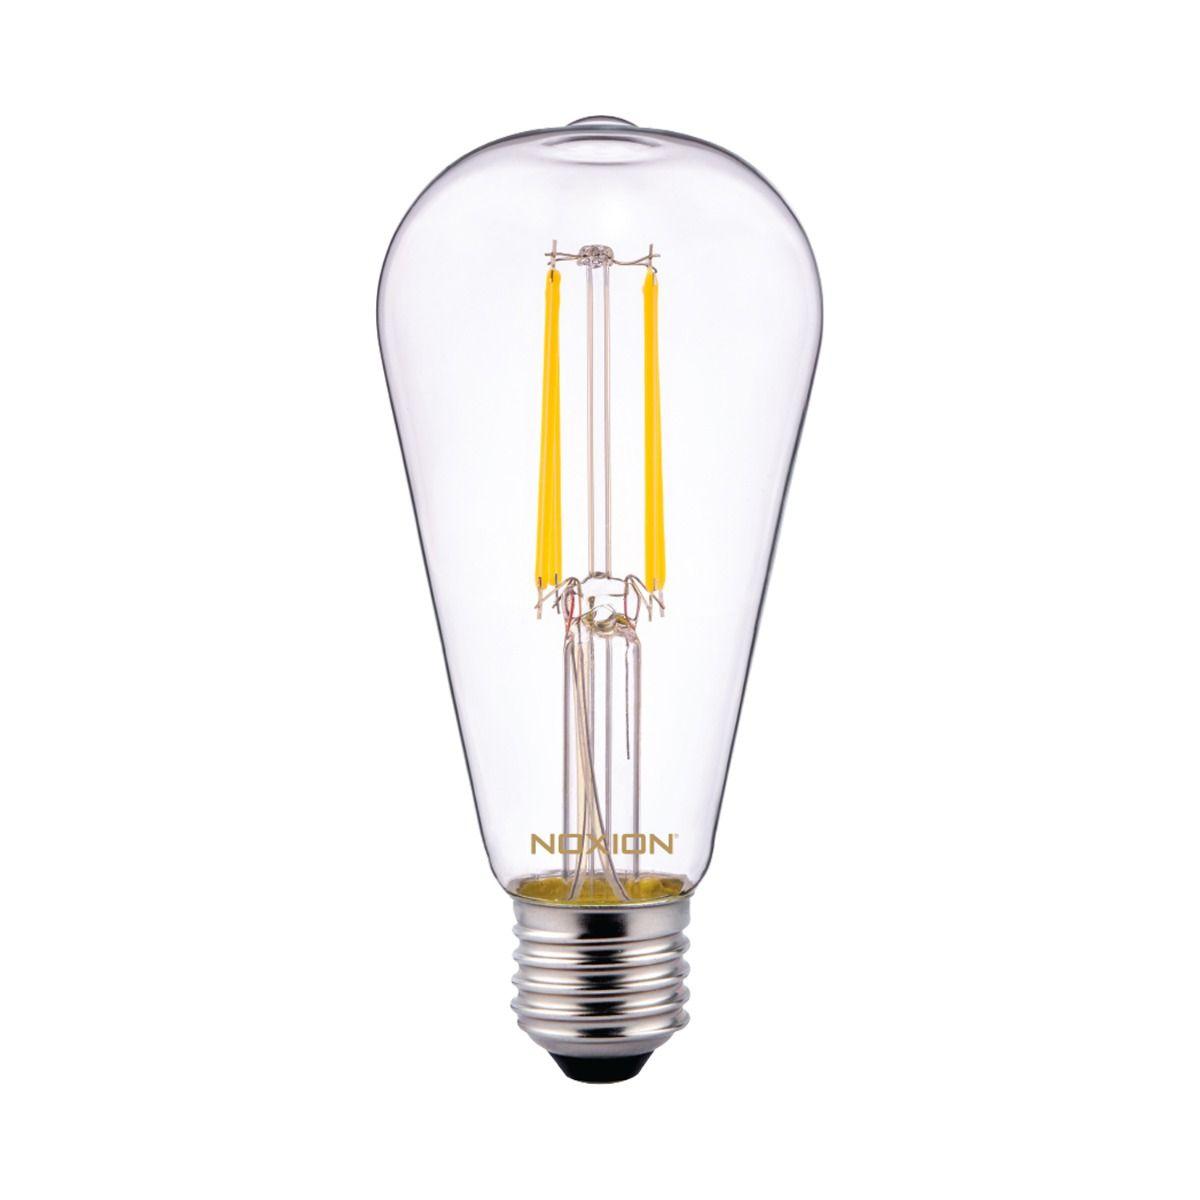 Noxion Lucent Klassiek LED Filament ST64 E27 6.5W 827 clear  Zeer Warm Wit - Vervangt 60W